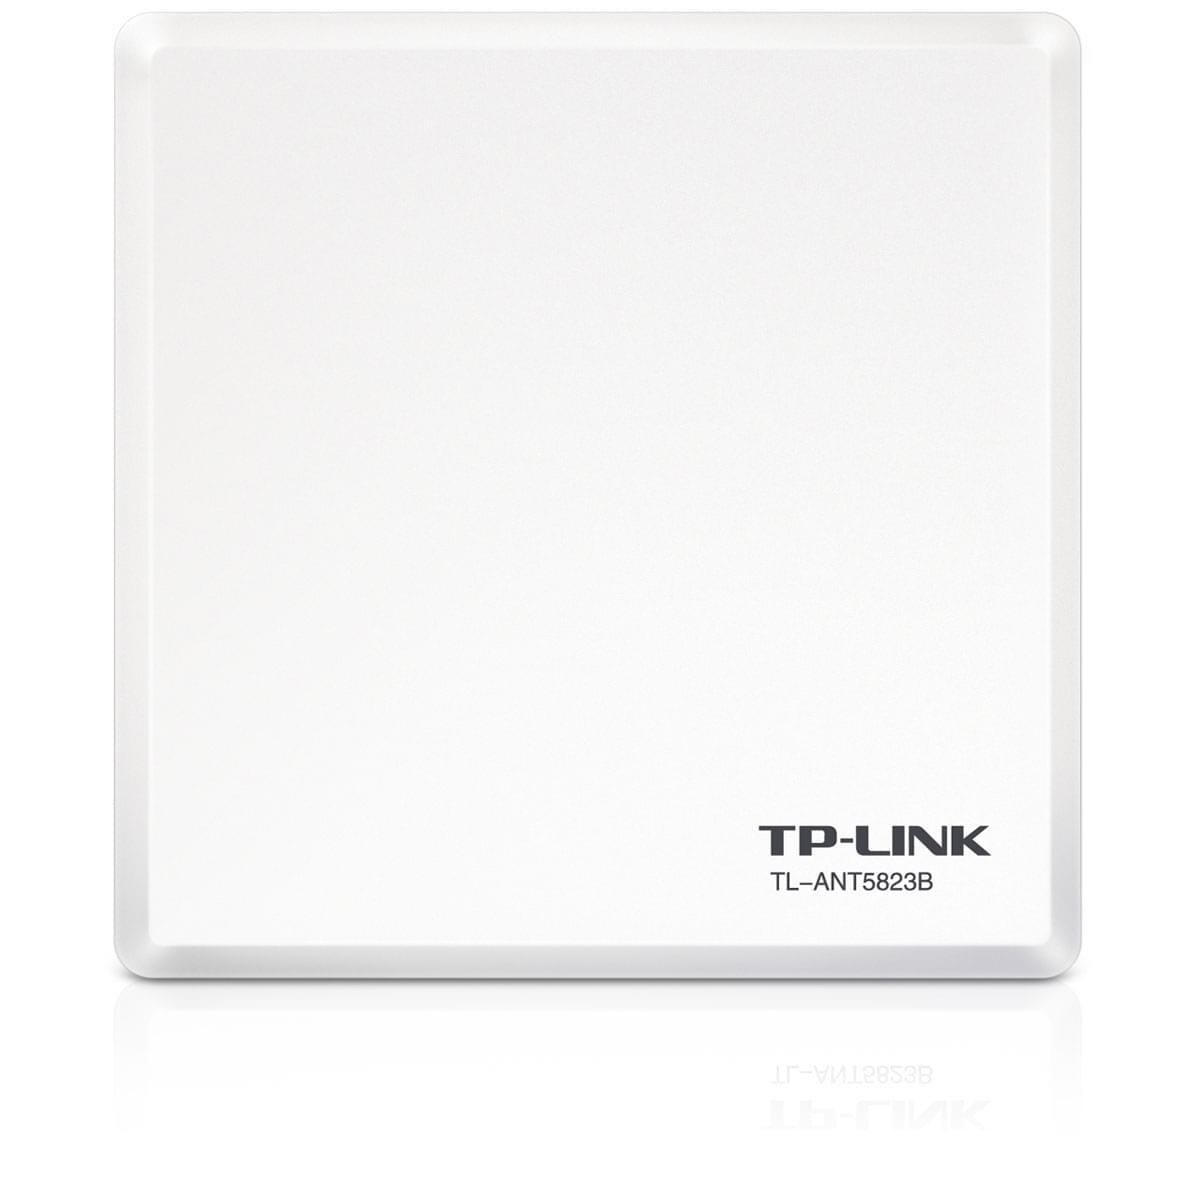 TP-Link Antenne direction. inter/exter. 23dbi TL-ANT5823B (TL-ANT5823B) - Achat / Vente Réseau Divers sur Cybertek.fr - 0